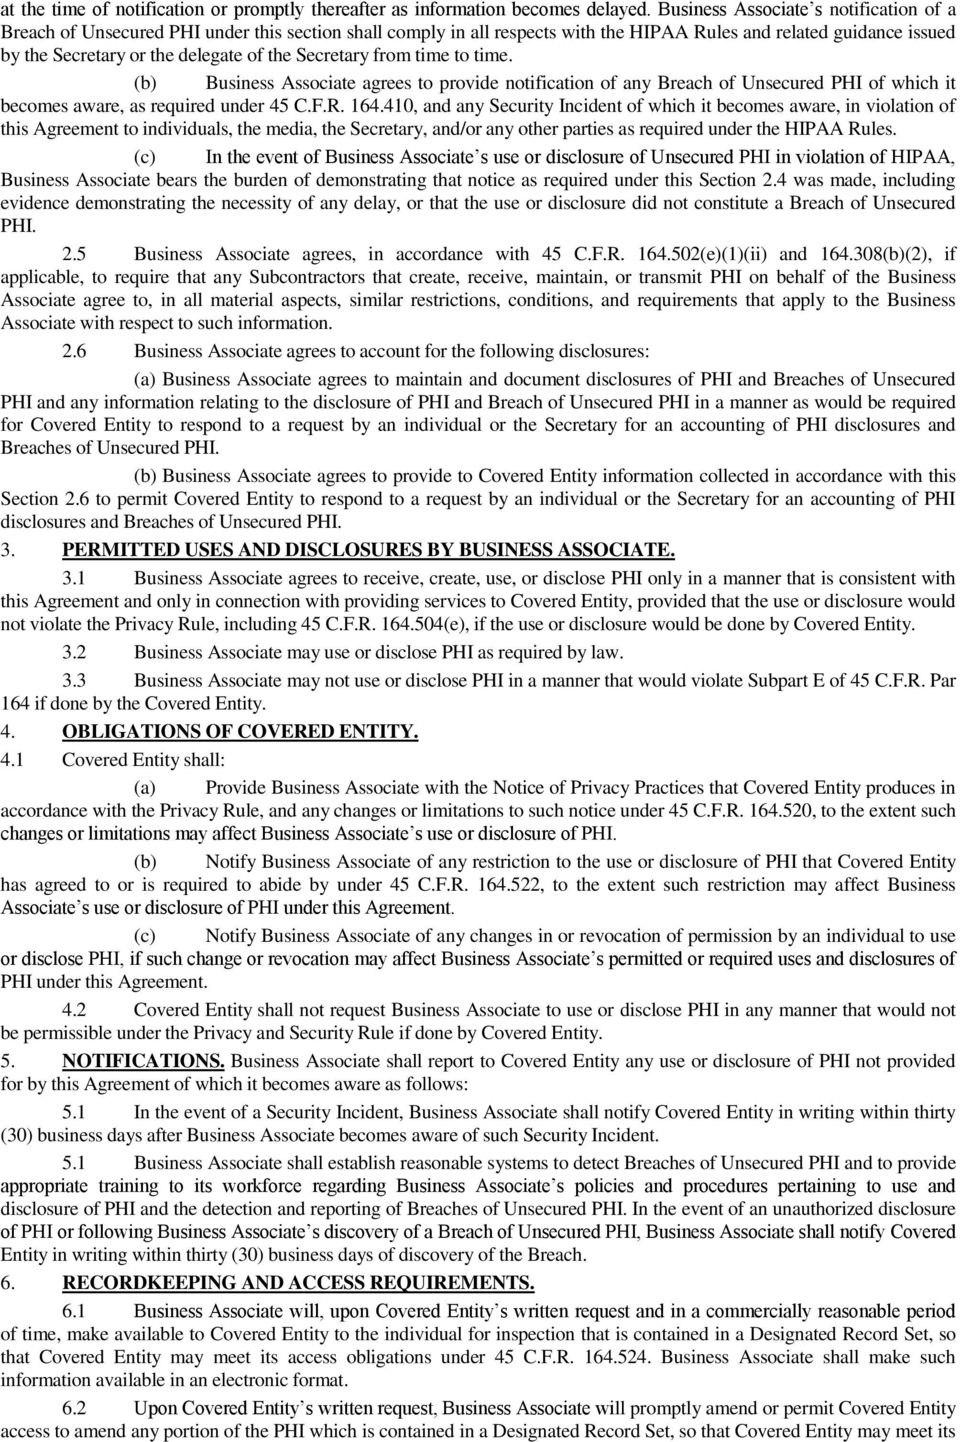 Taxport Aca Saas Subscription Agreement  Pdf With Saas Subscription Agreement Template